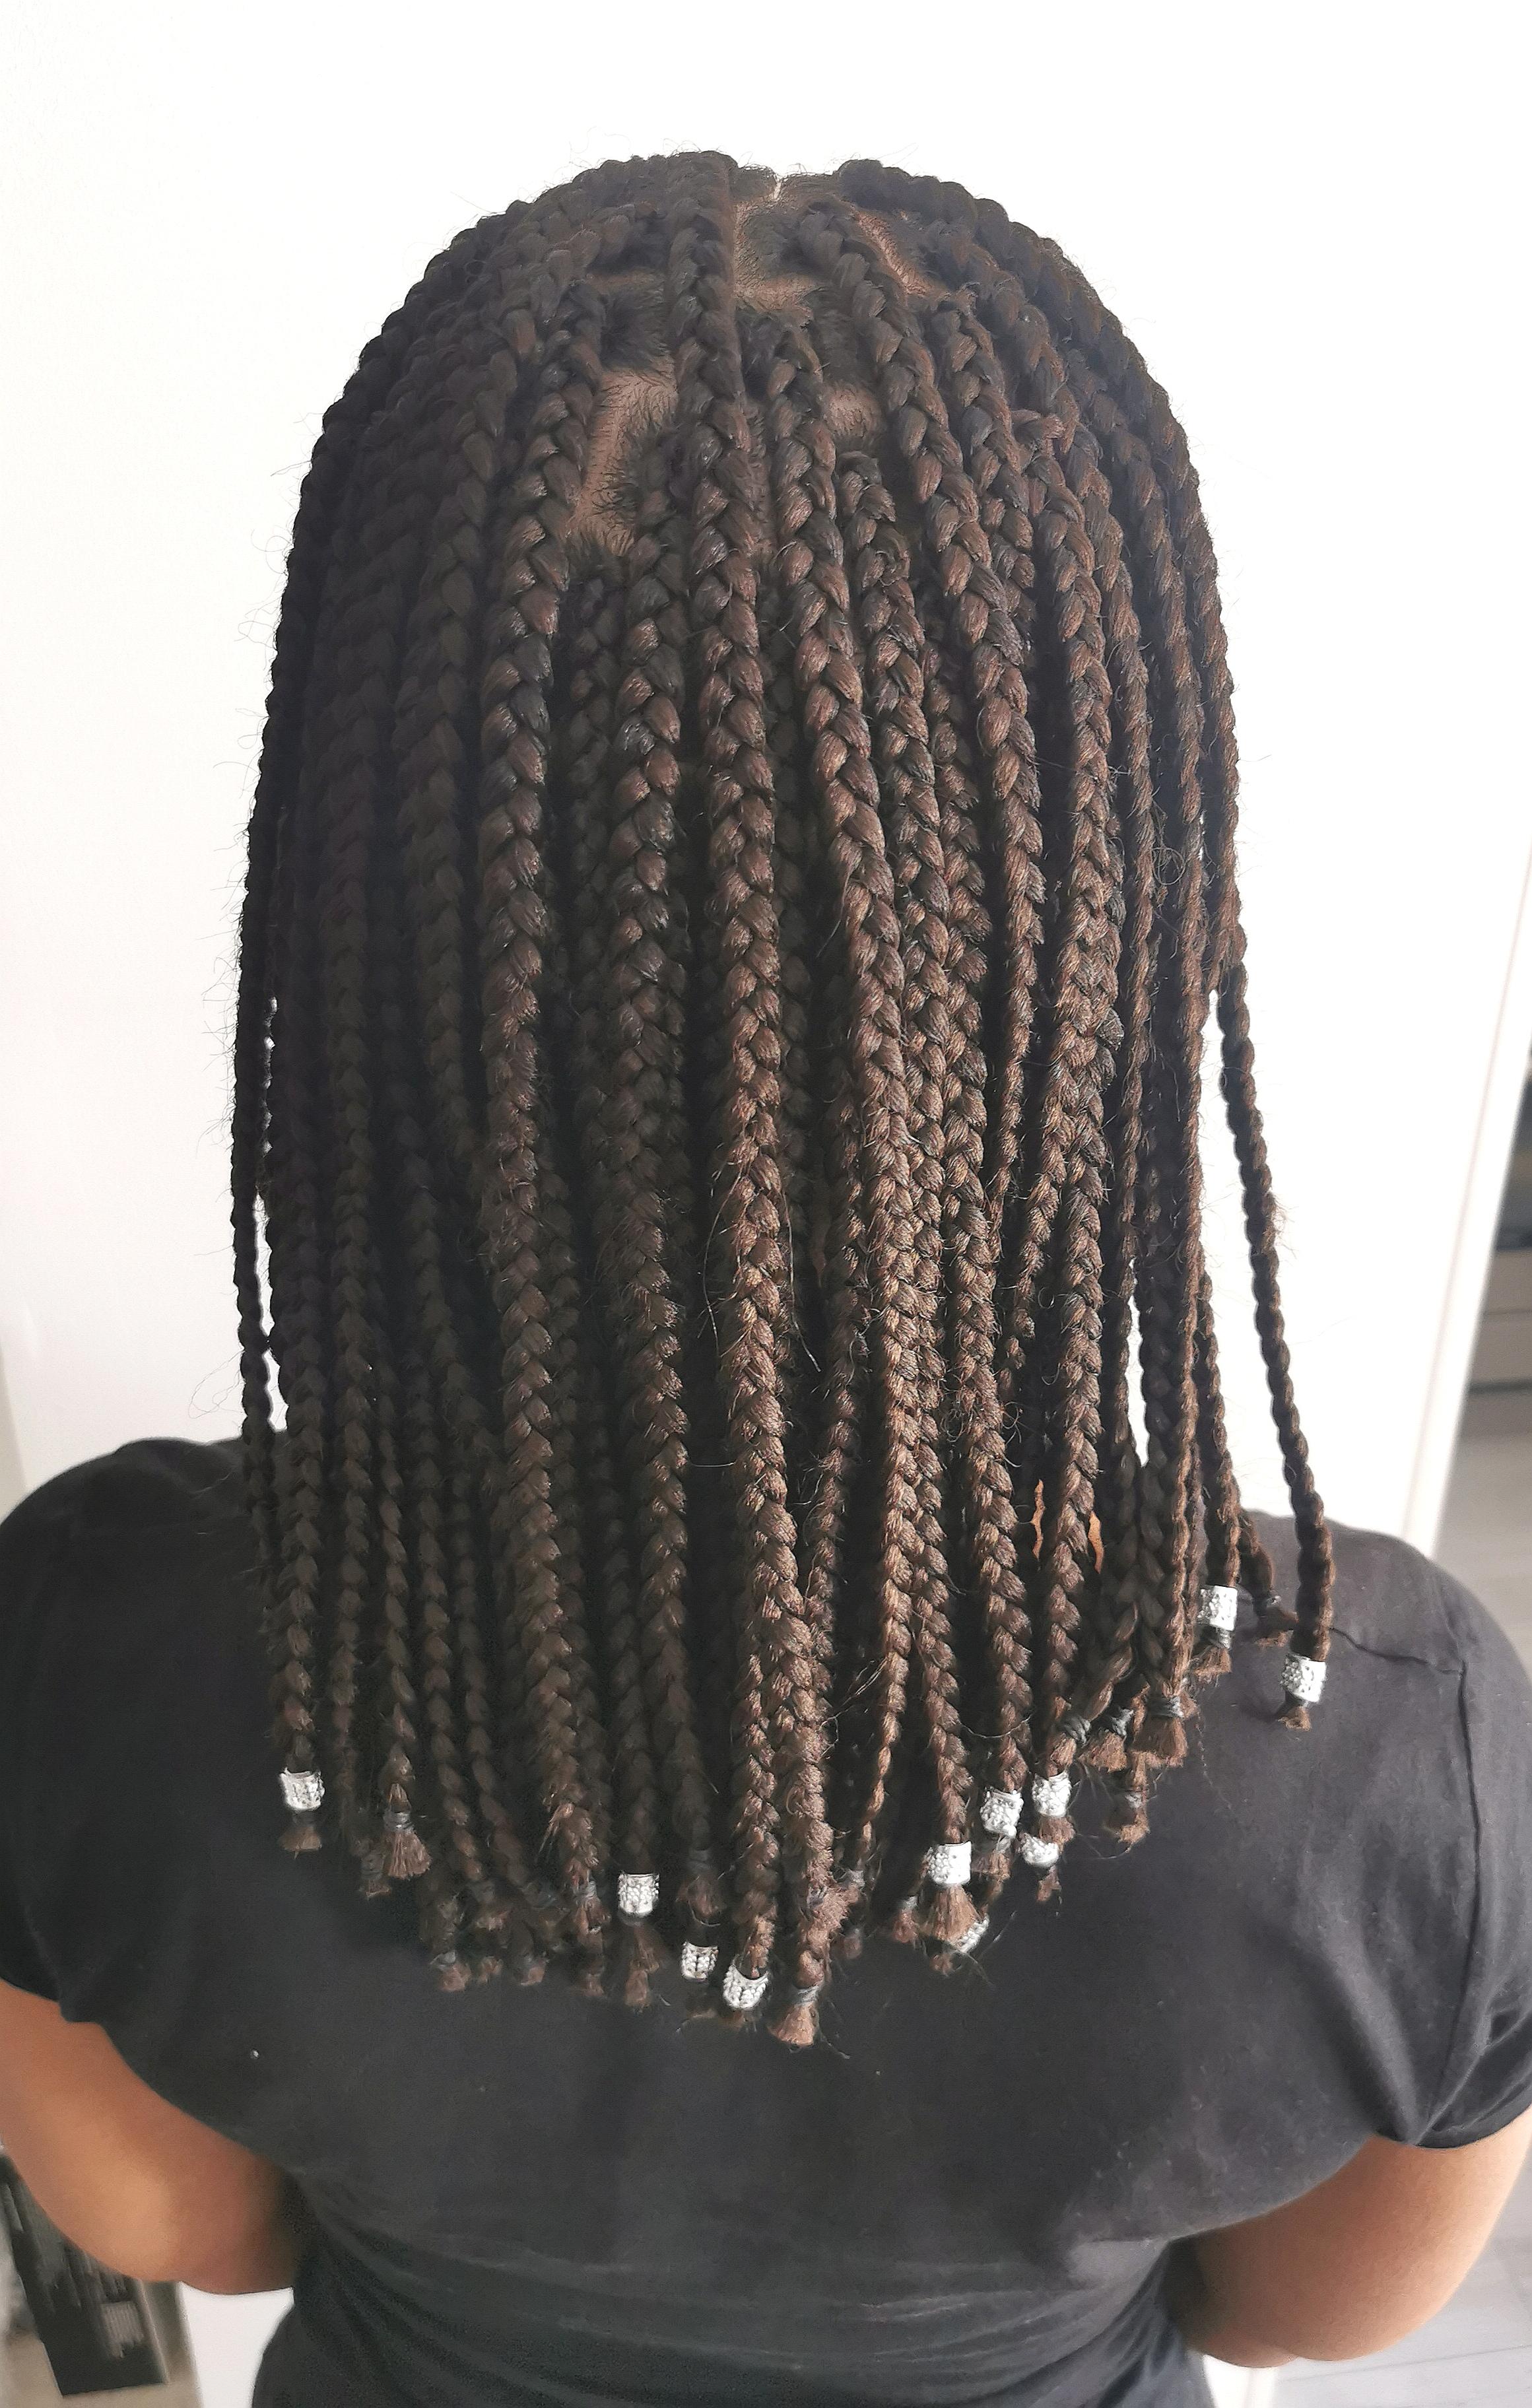 salon de coiffure afro tresse tresses box braids crochet braids vanilles tissages paris 75 77 78 91 92 93 94 95 SVGDDRRR